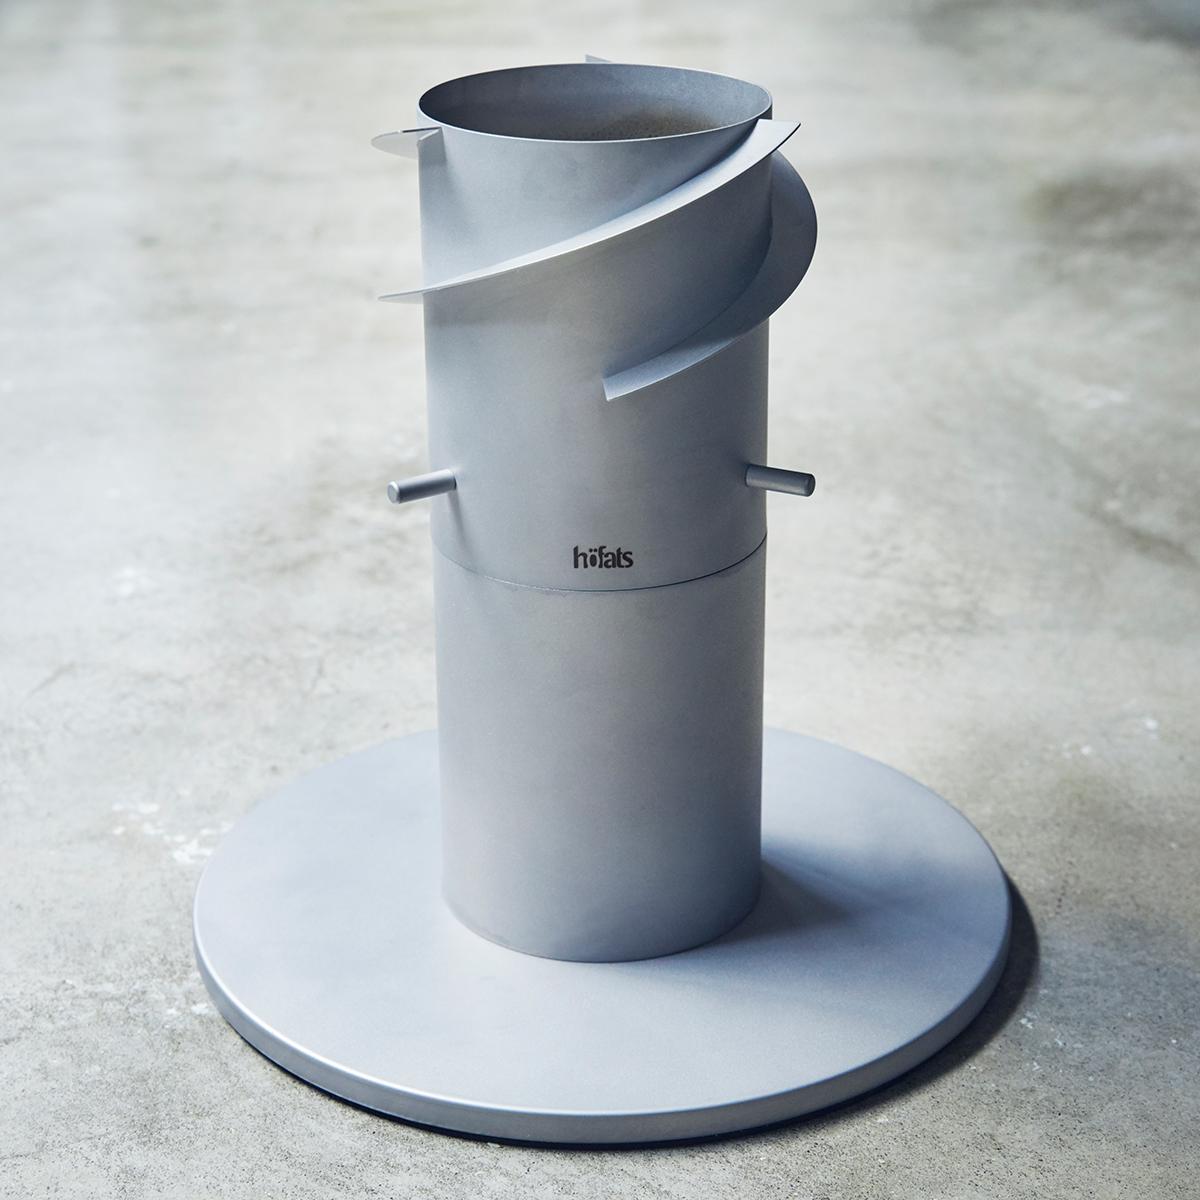 設置方法3|煙突効果で炎が廻りながら上昇!煙が出にくい安全燃料の「テーブルランタン&ガーデントーチ」|Hofats SPIN(ホーファッツ スピン)